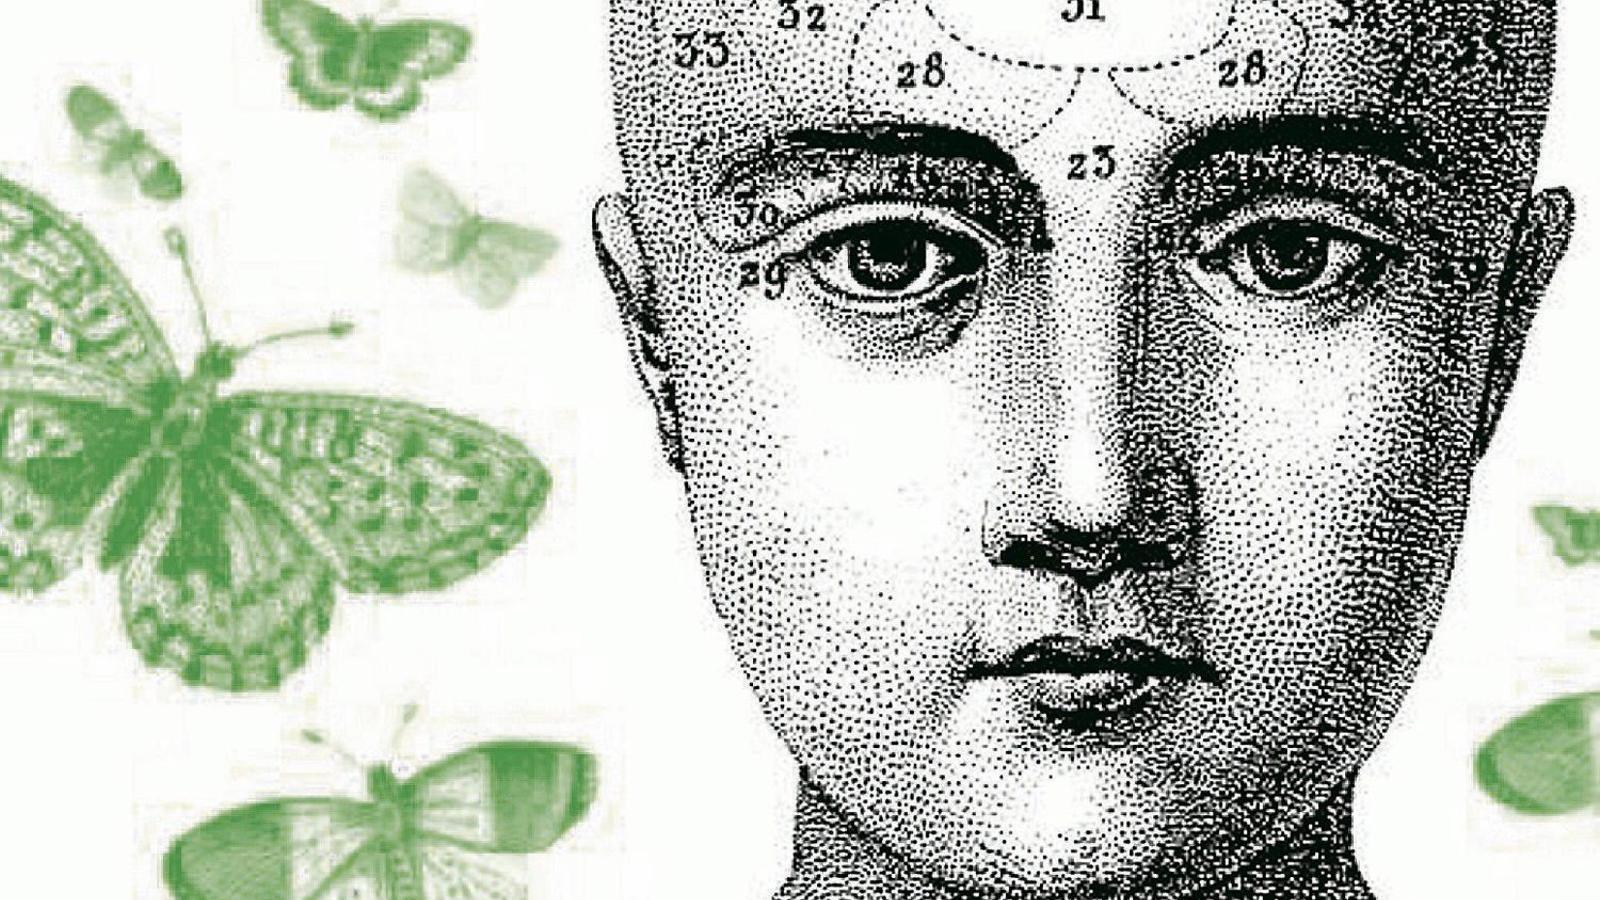 Nova edició de microteatre, a l'hospital Psiquiàtric de Palma, amb el títol de Microteatre per mentalitzar.